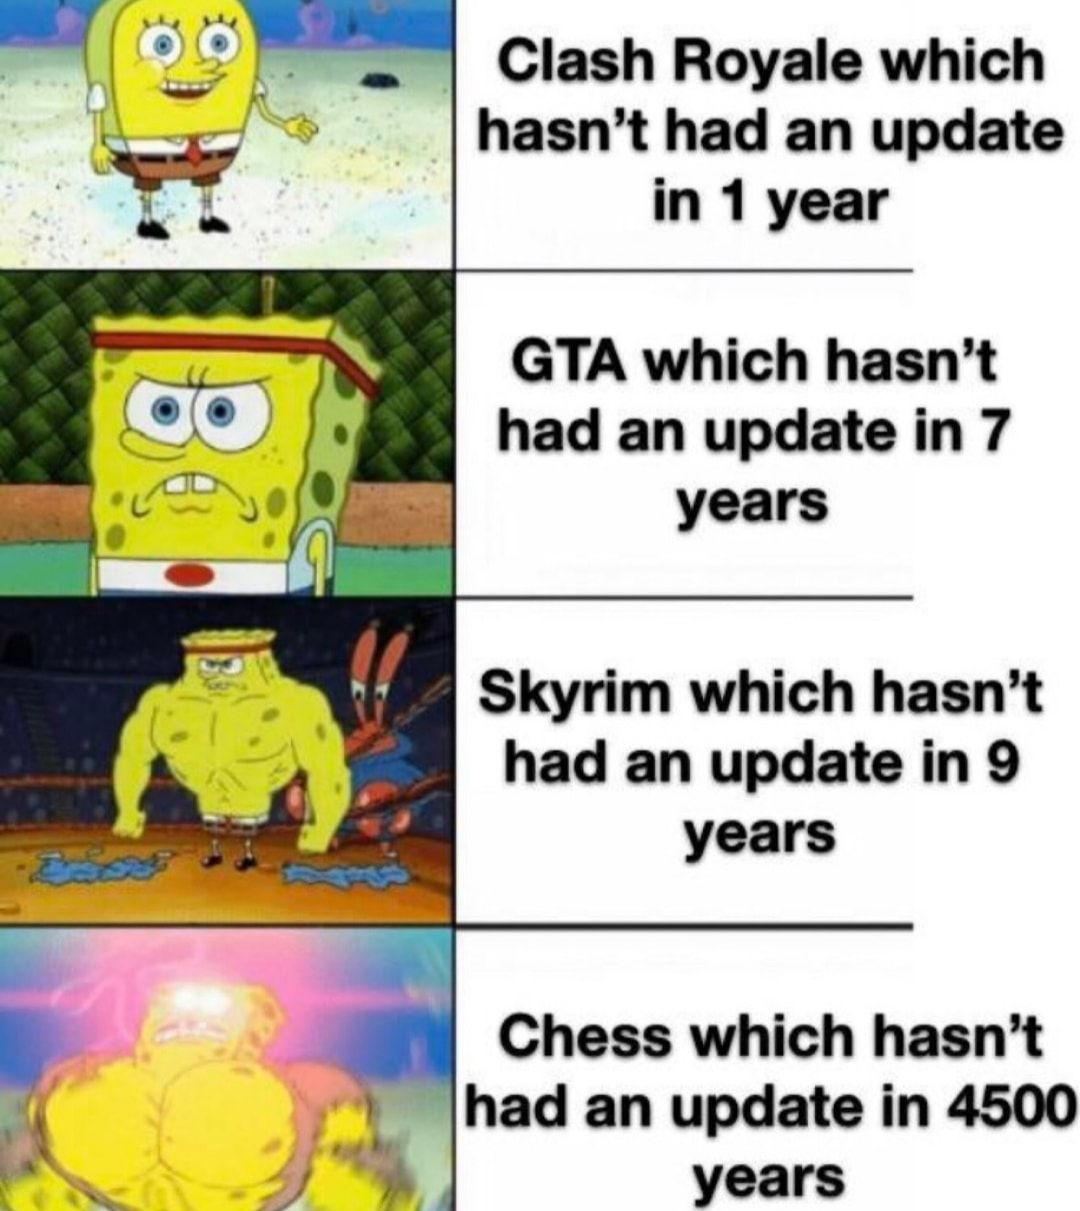 Chess needs a good update